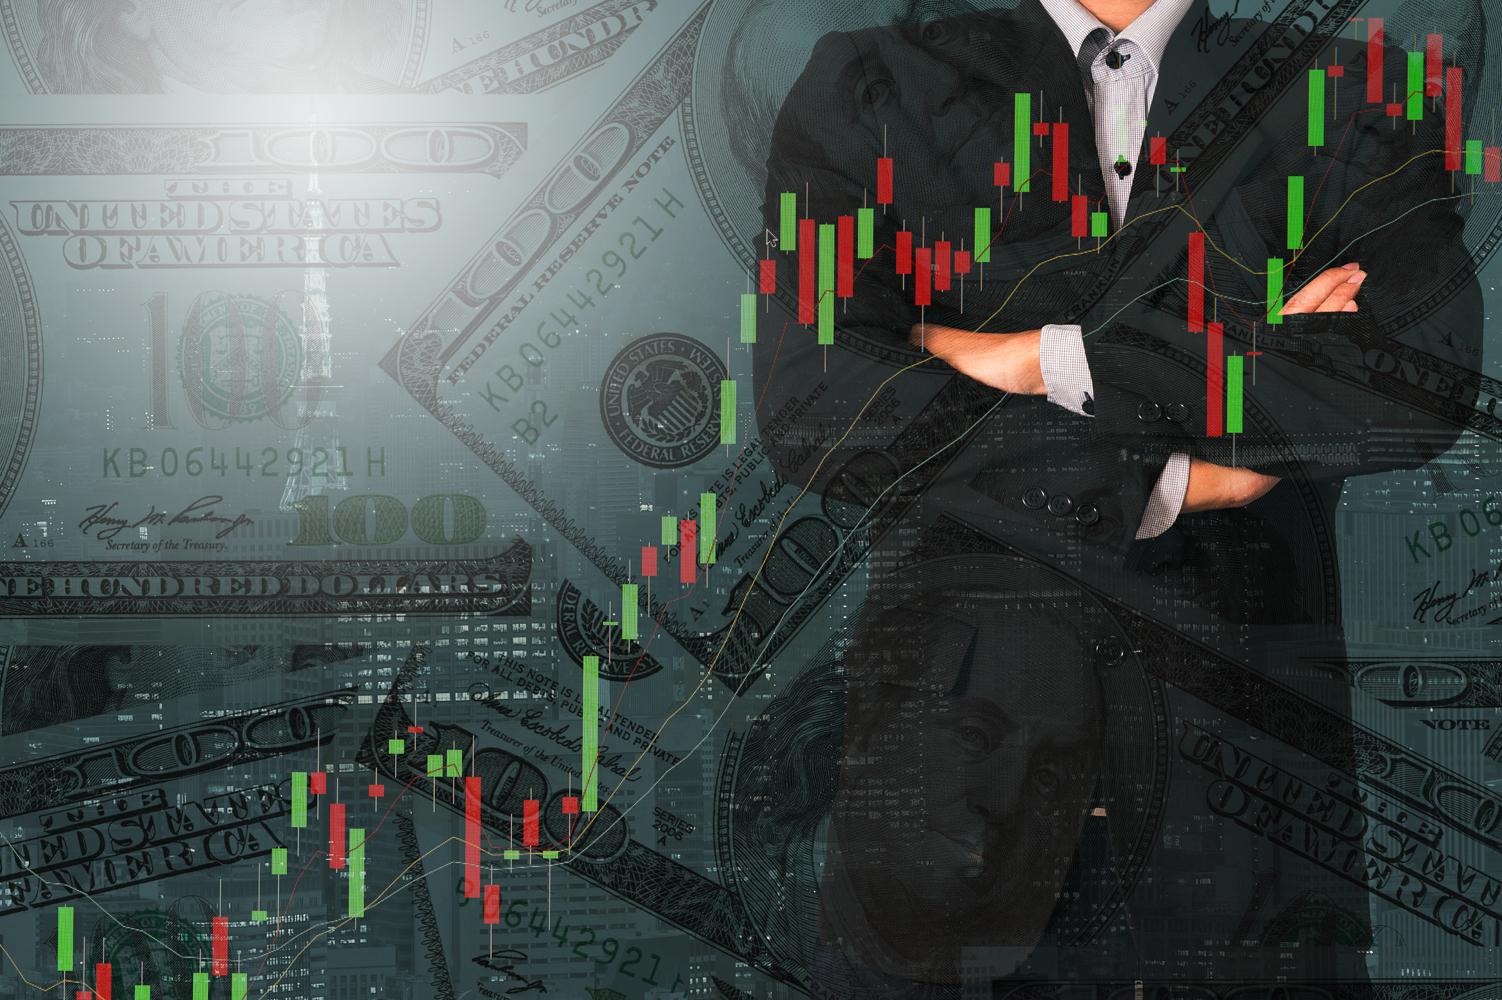 câștigurile pe rata bitcoin strategii profitabile pentru opțiuni binare q opton